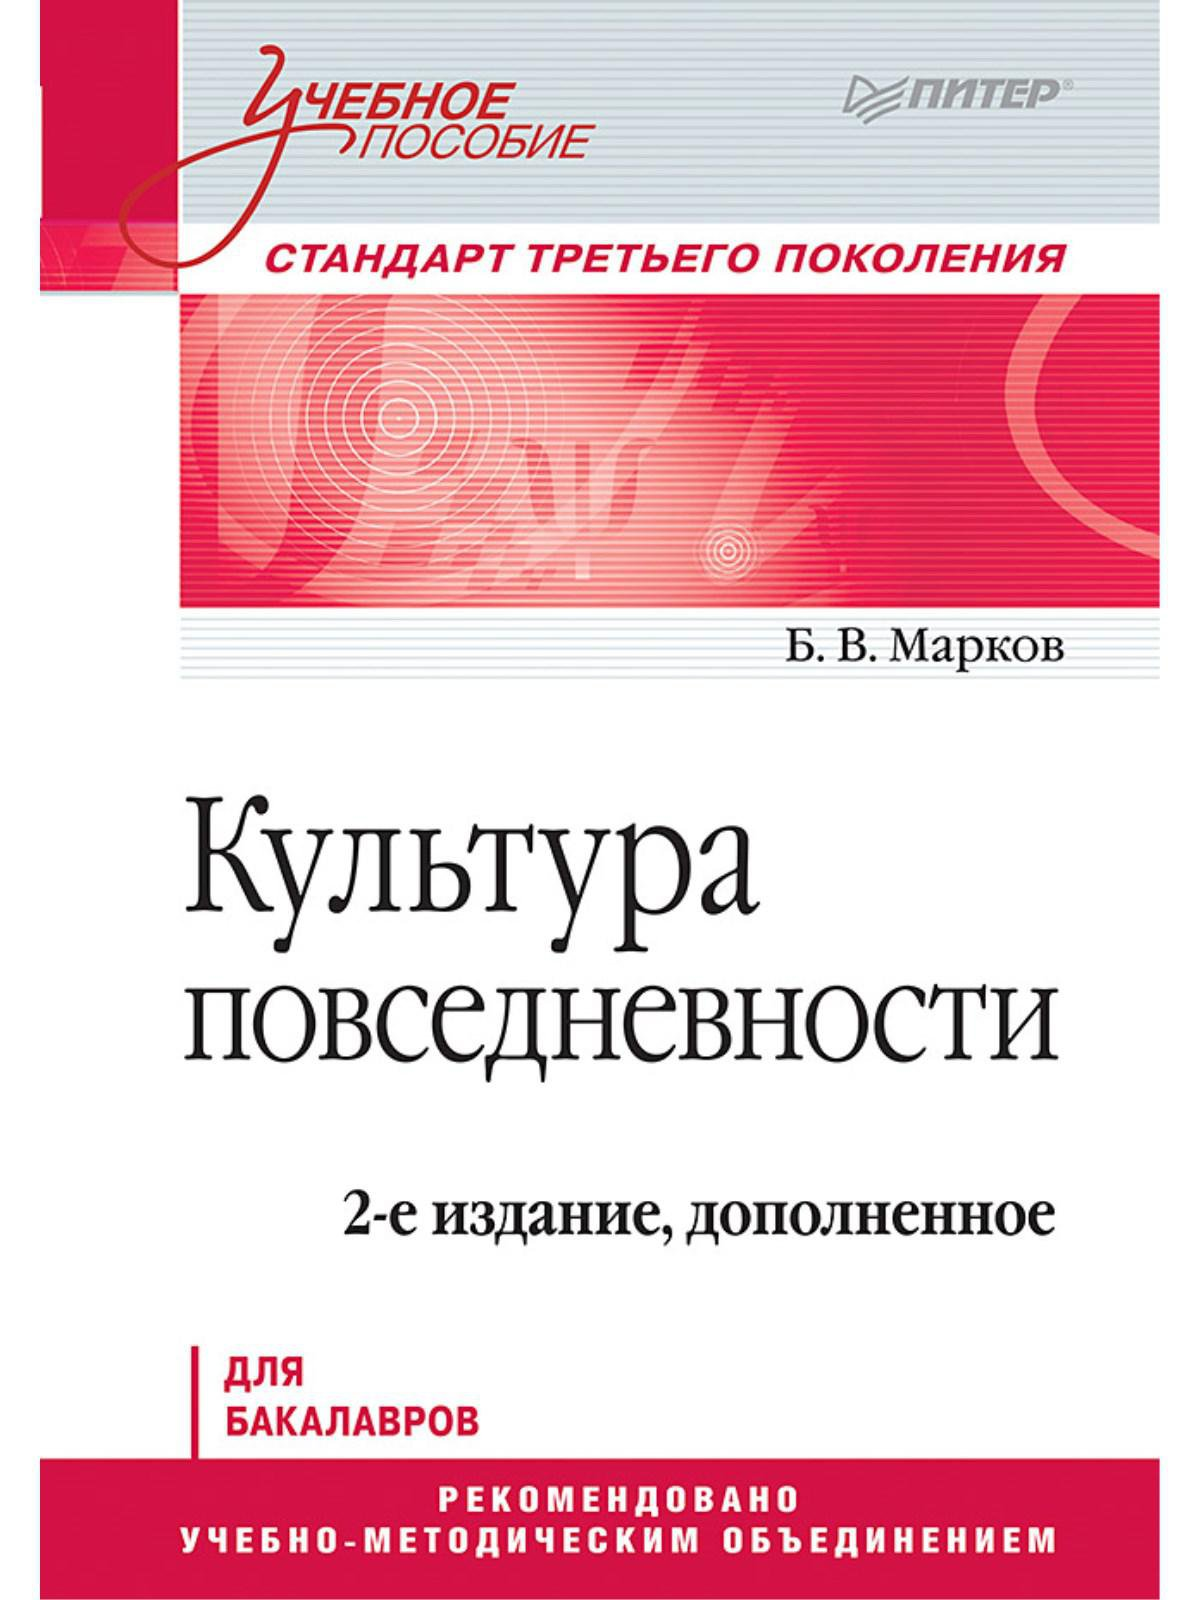 Марков Б В Культура повседневности. Учебное пособие. 2-е изд., доп.